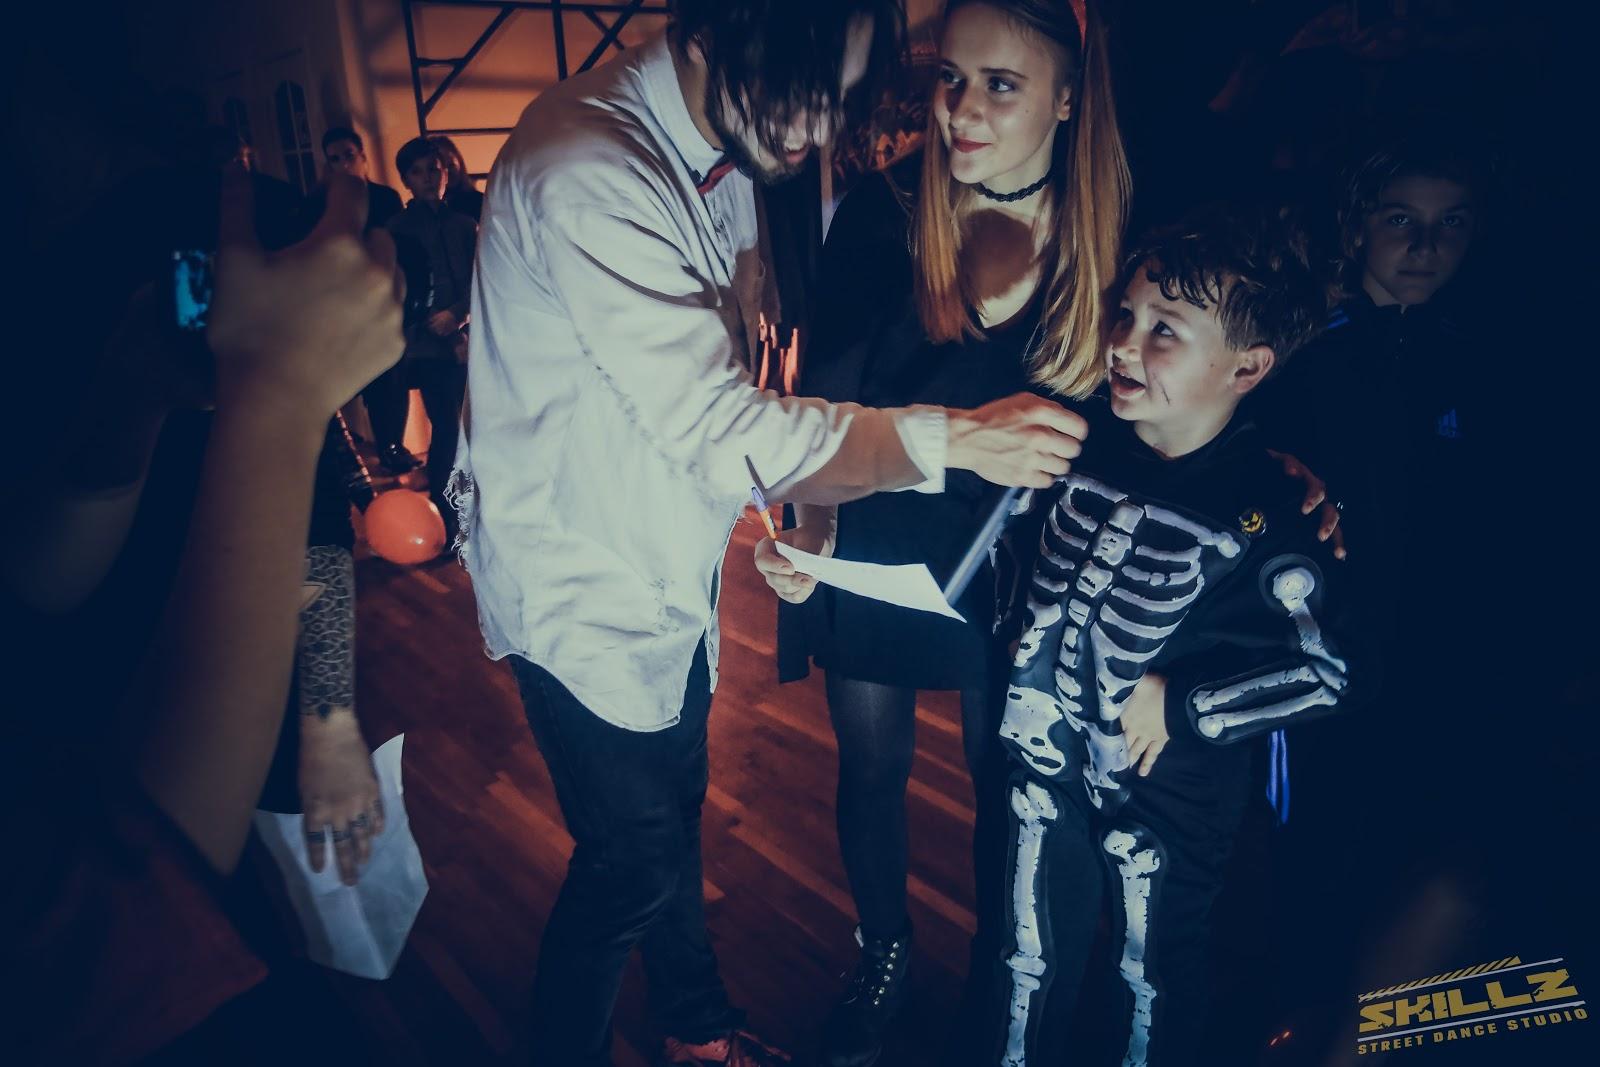 Naujikų krikštynos @SKILLZ (Halloween tema) - PANA2117.jpg